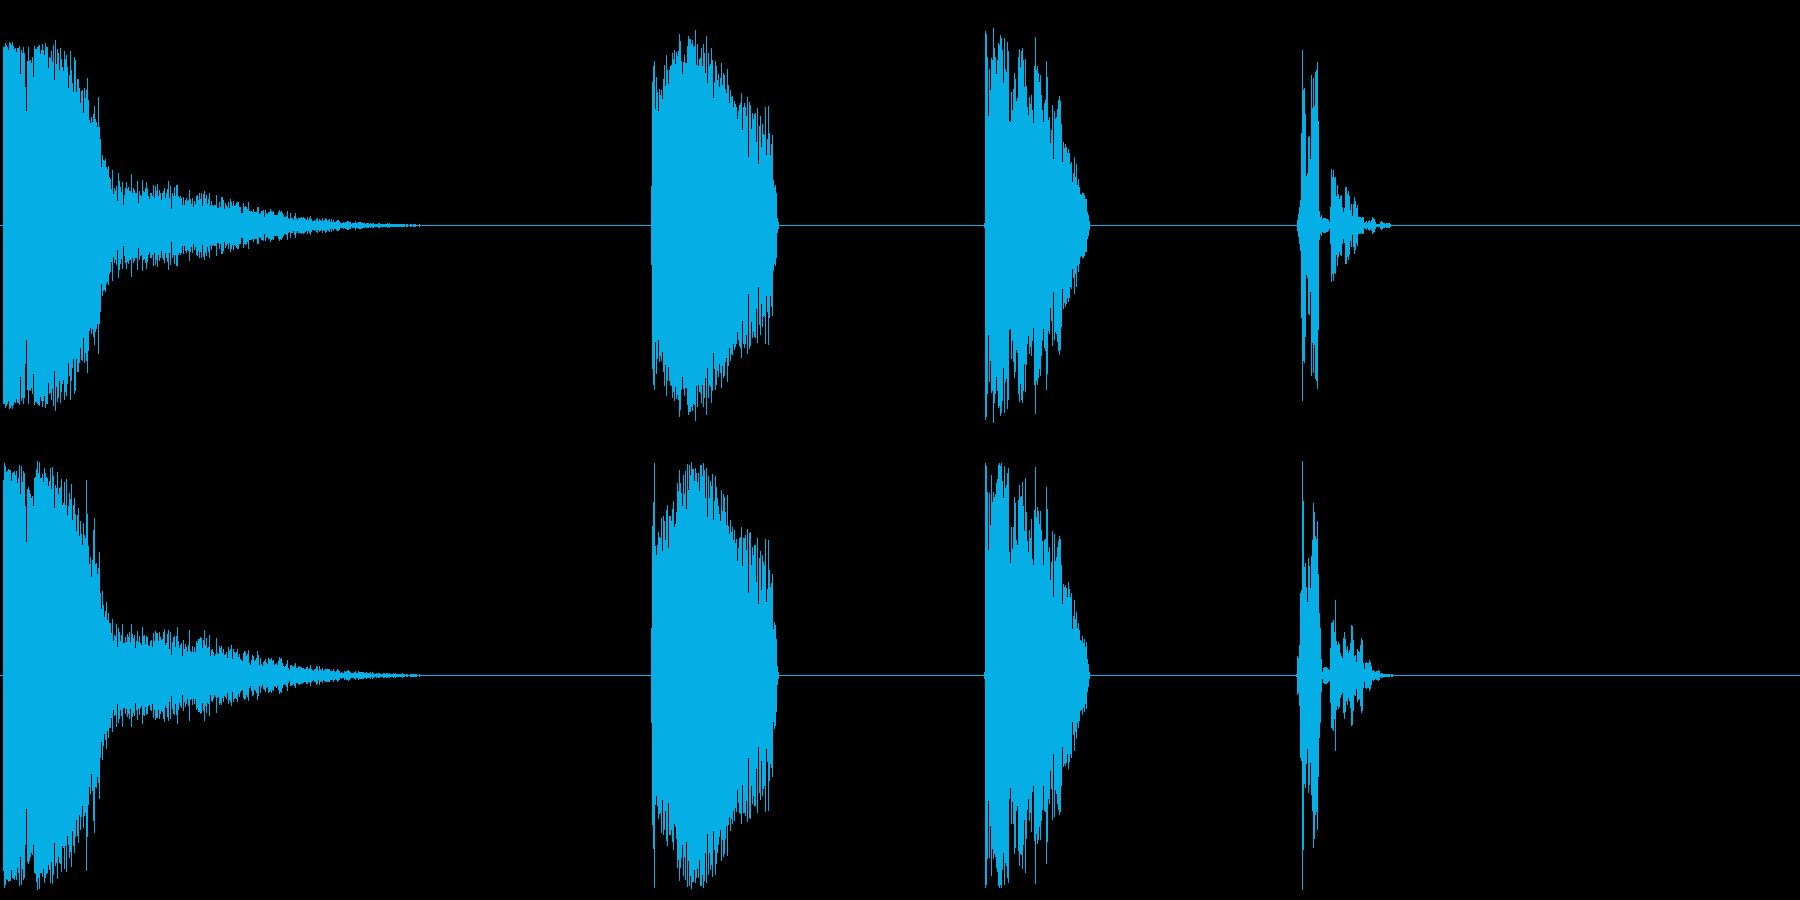 DJレーザーファイアーX4の再生済みの波形